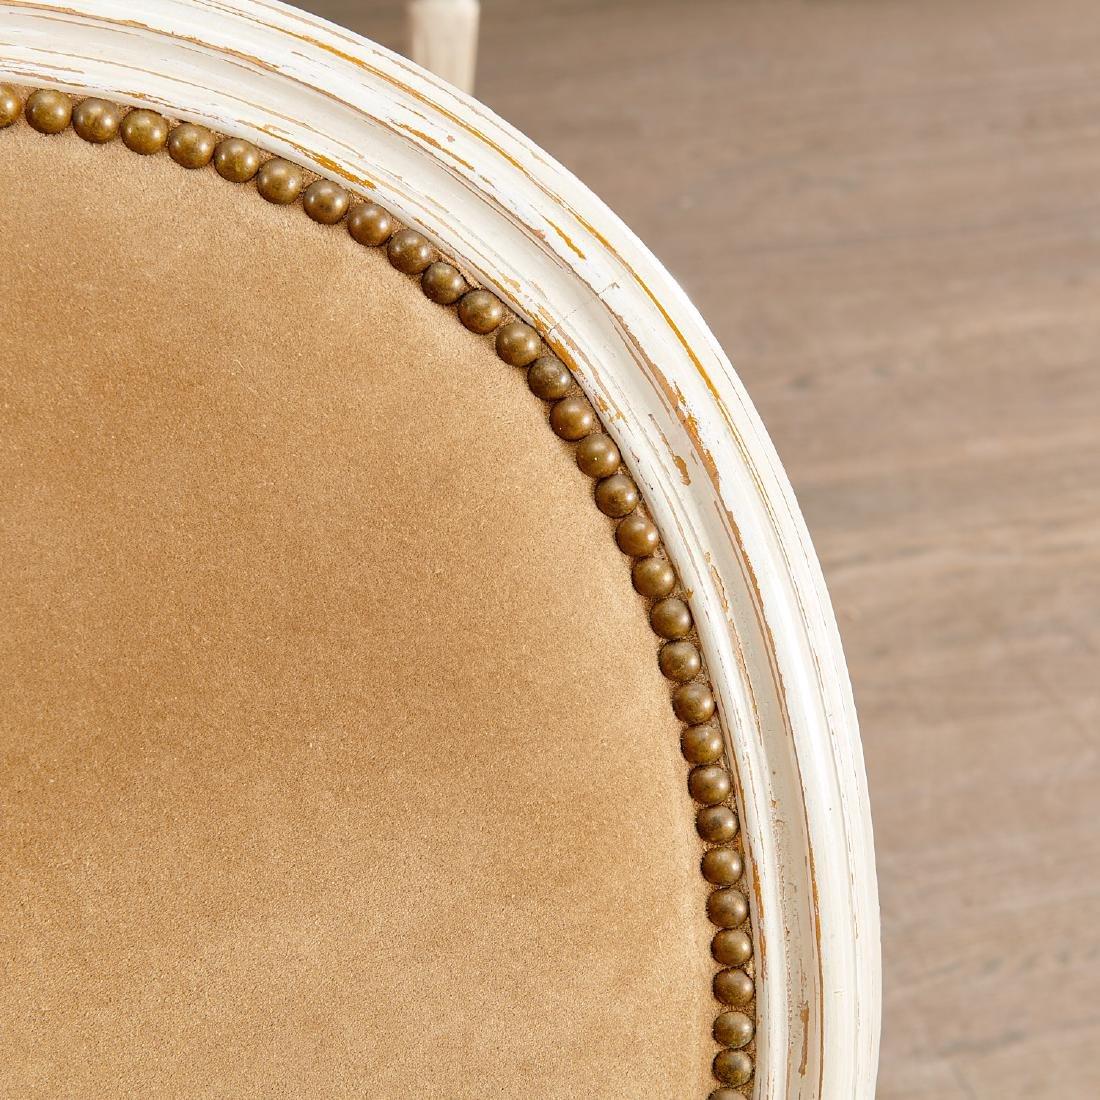 Set (8) Louis XVI style fauteuils - 4